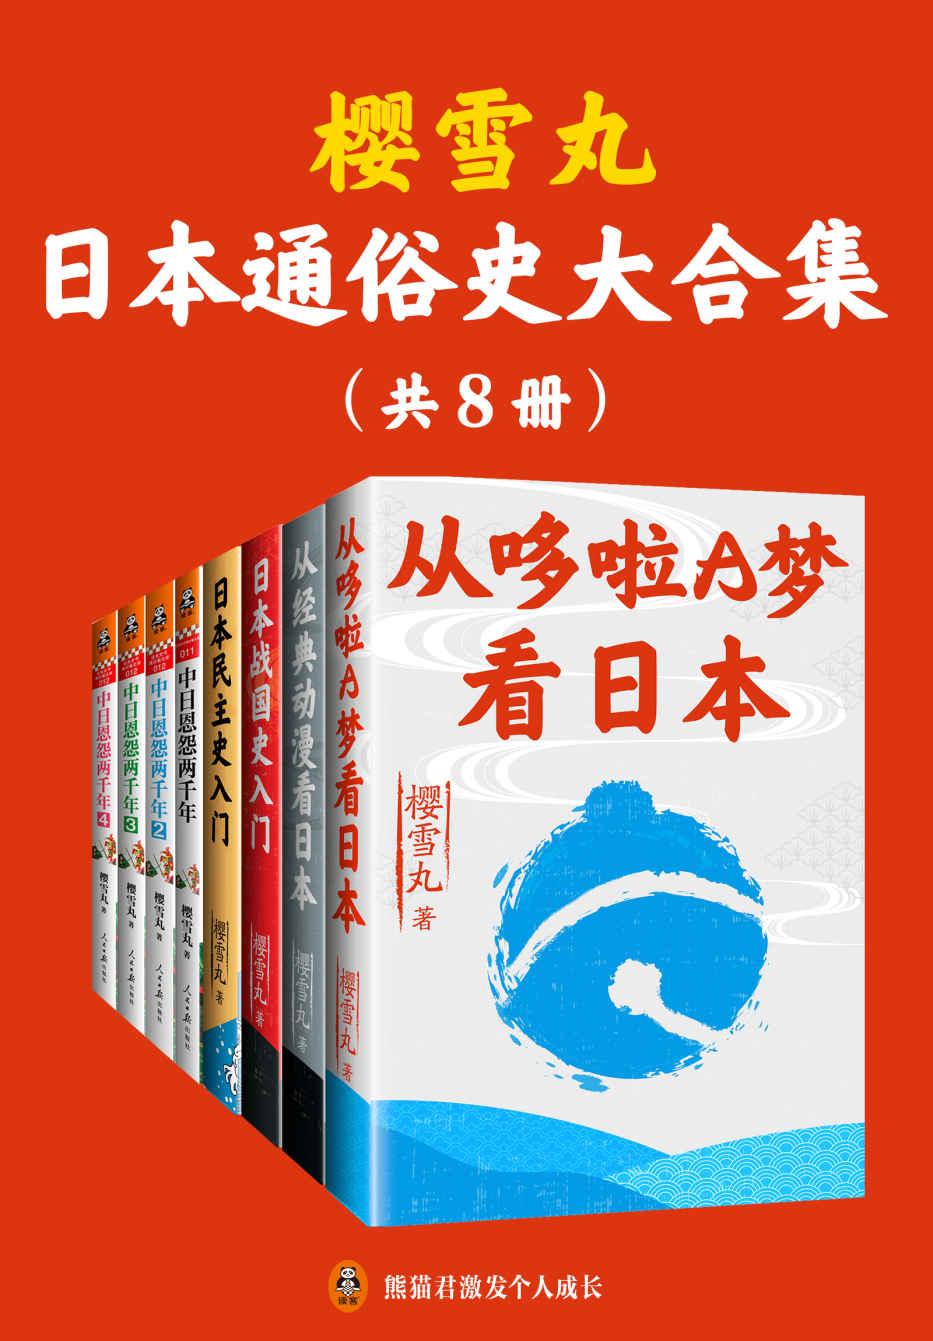 樱雪丸通俗日本史代表作(共8册)(正版电子首次发售!《从哆啦A梦看日本》《从经典动漫看日本》《日本民主史入门》《日本战国史入门》《中日恩怨两千年》,带你探寻日本的细节,解析日本历史,发现日本的精神底色!)—樱雪丸—pdf+mobi+epub+txt+azw3电子书下载